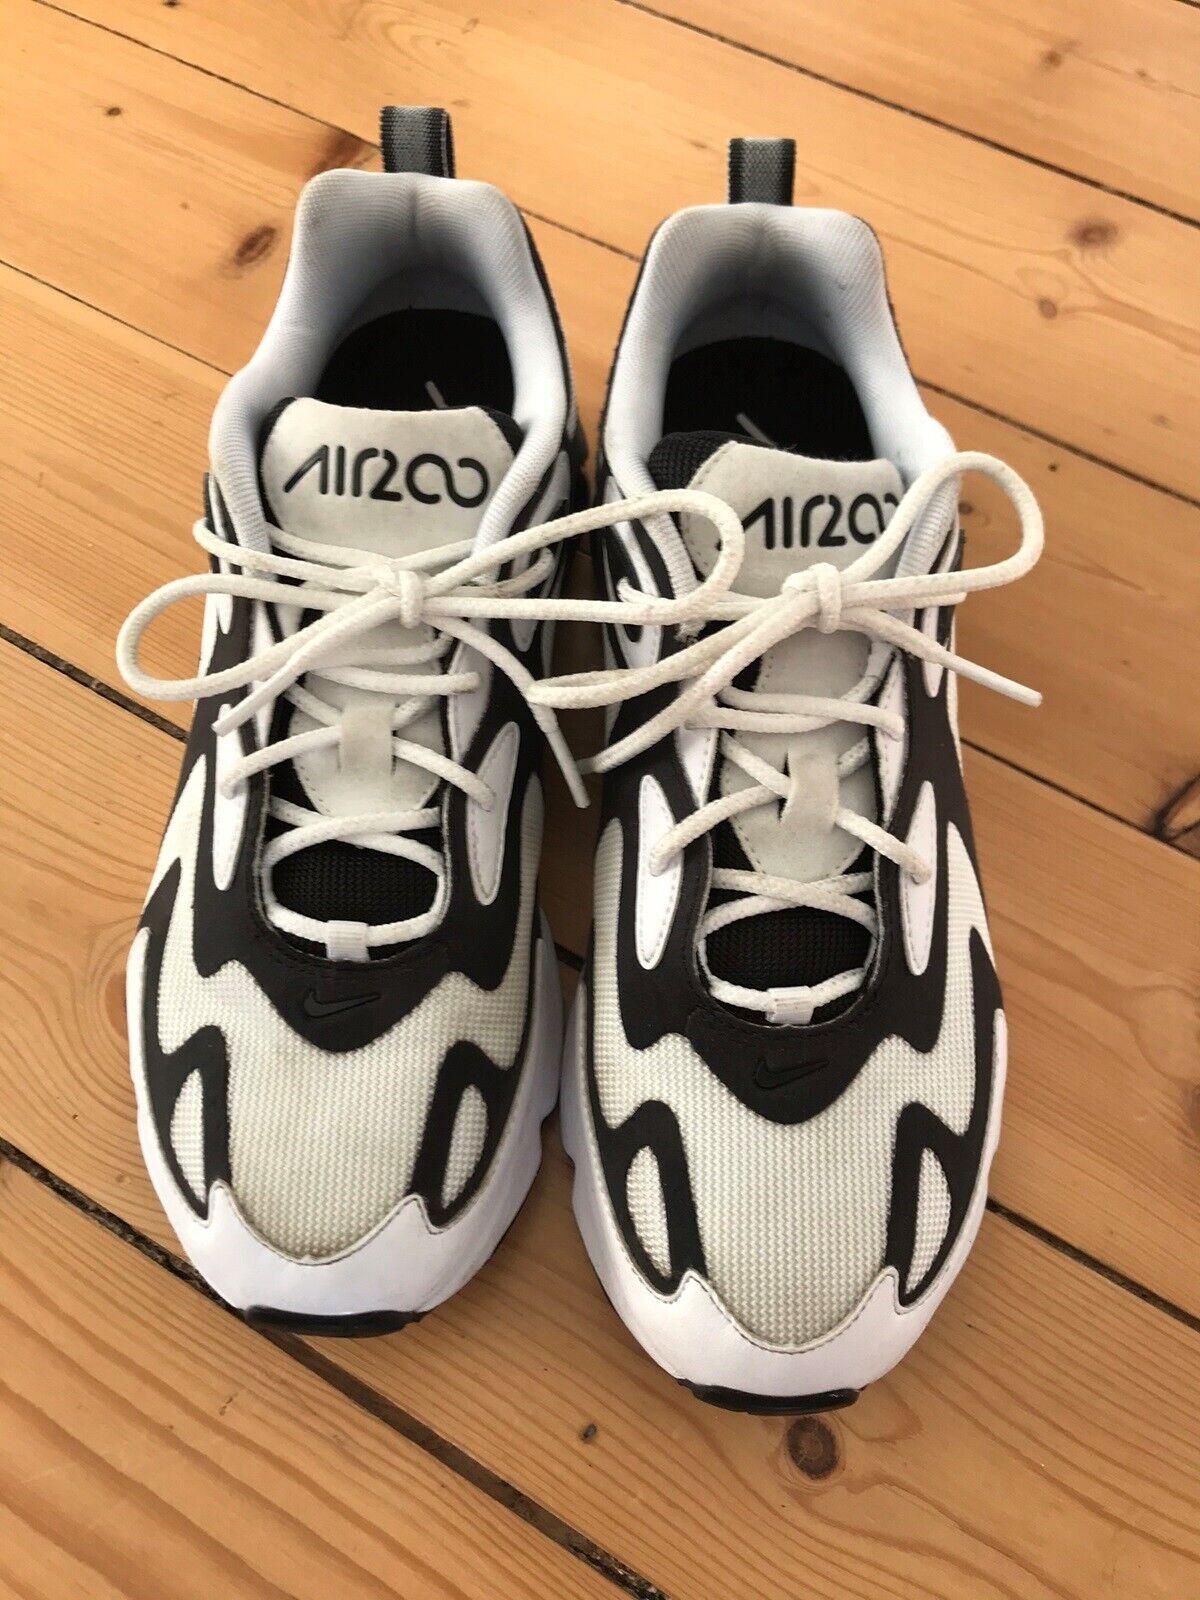 Sneakers, Nike AIR MAX 200, str. 41